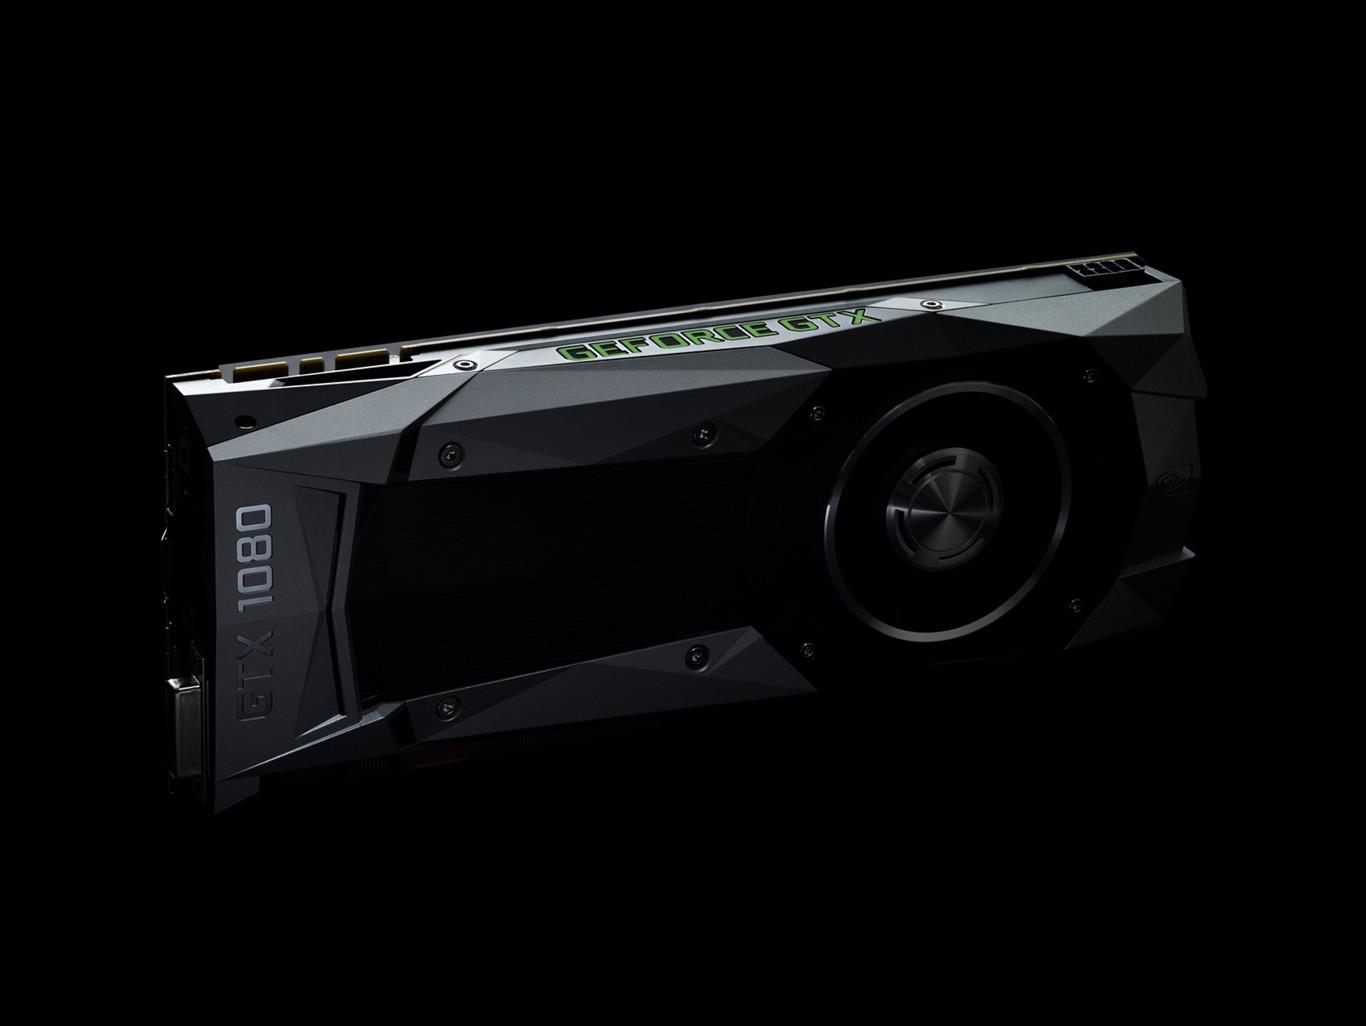 Cuánto costará la nueva Nvidia GTX 1080 en México?